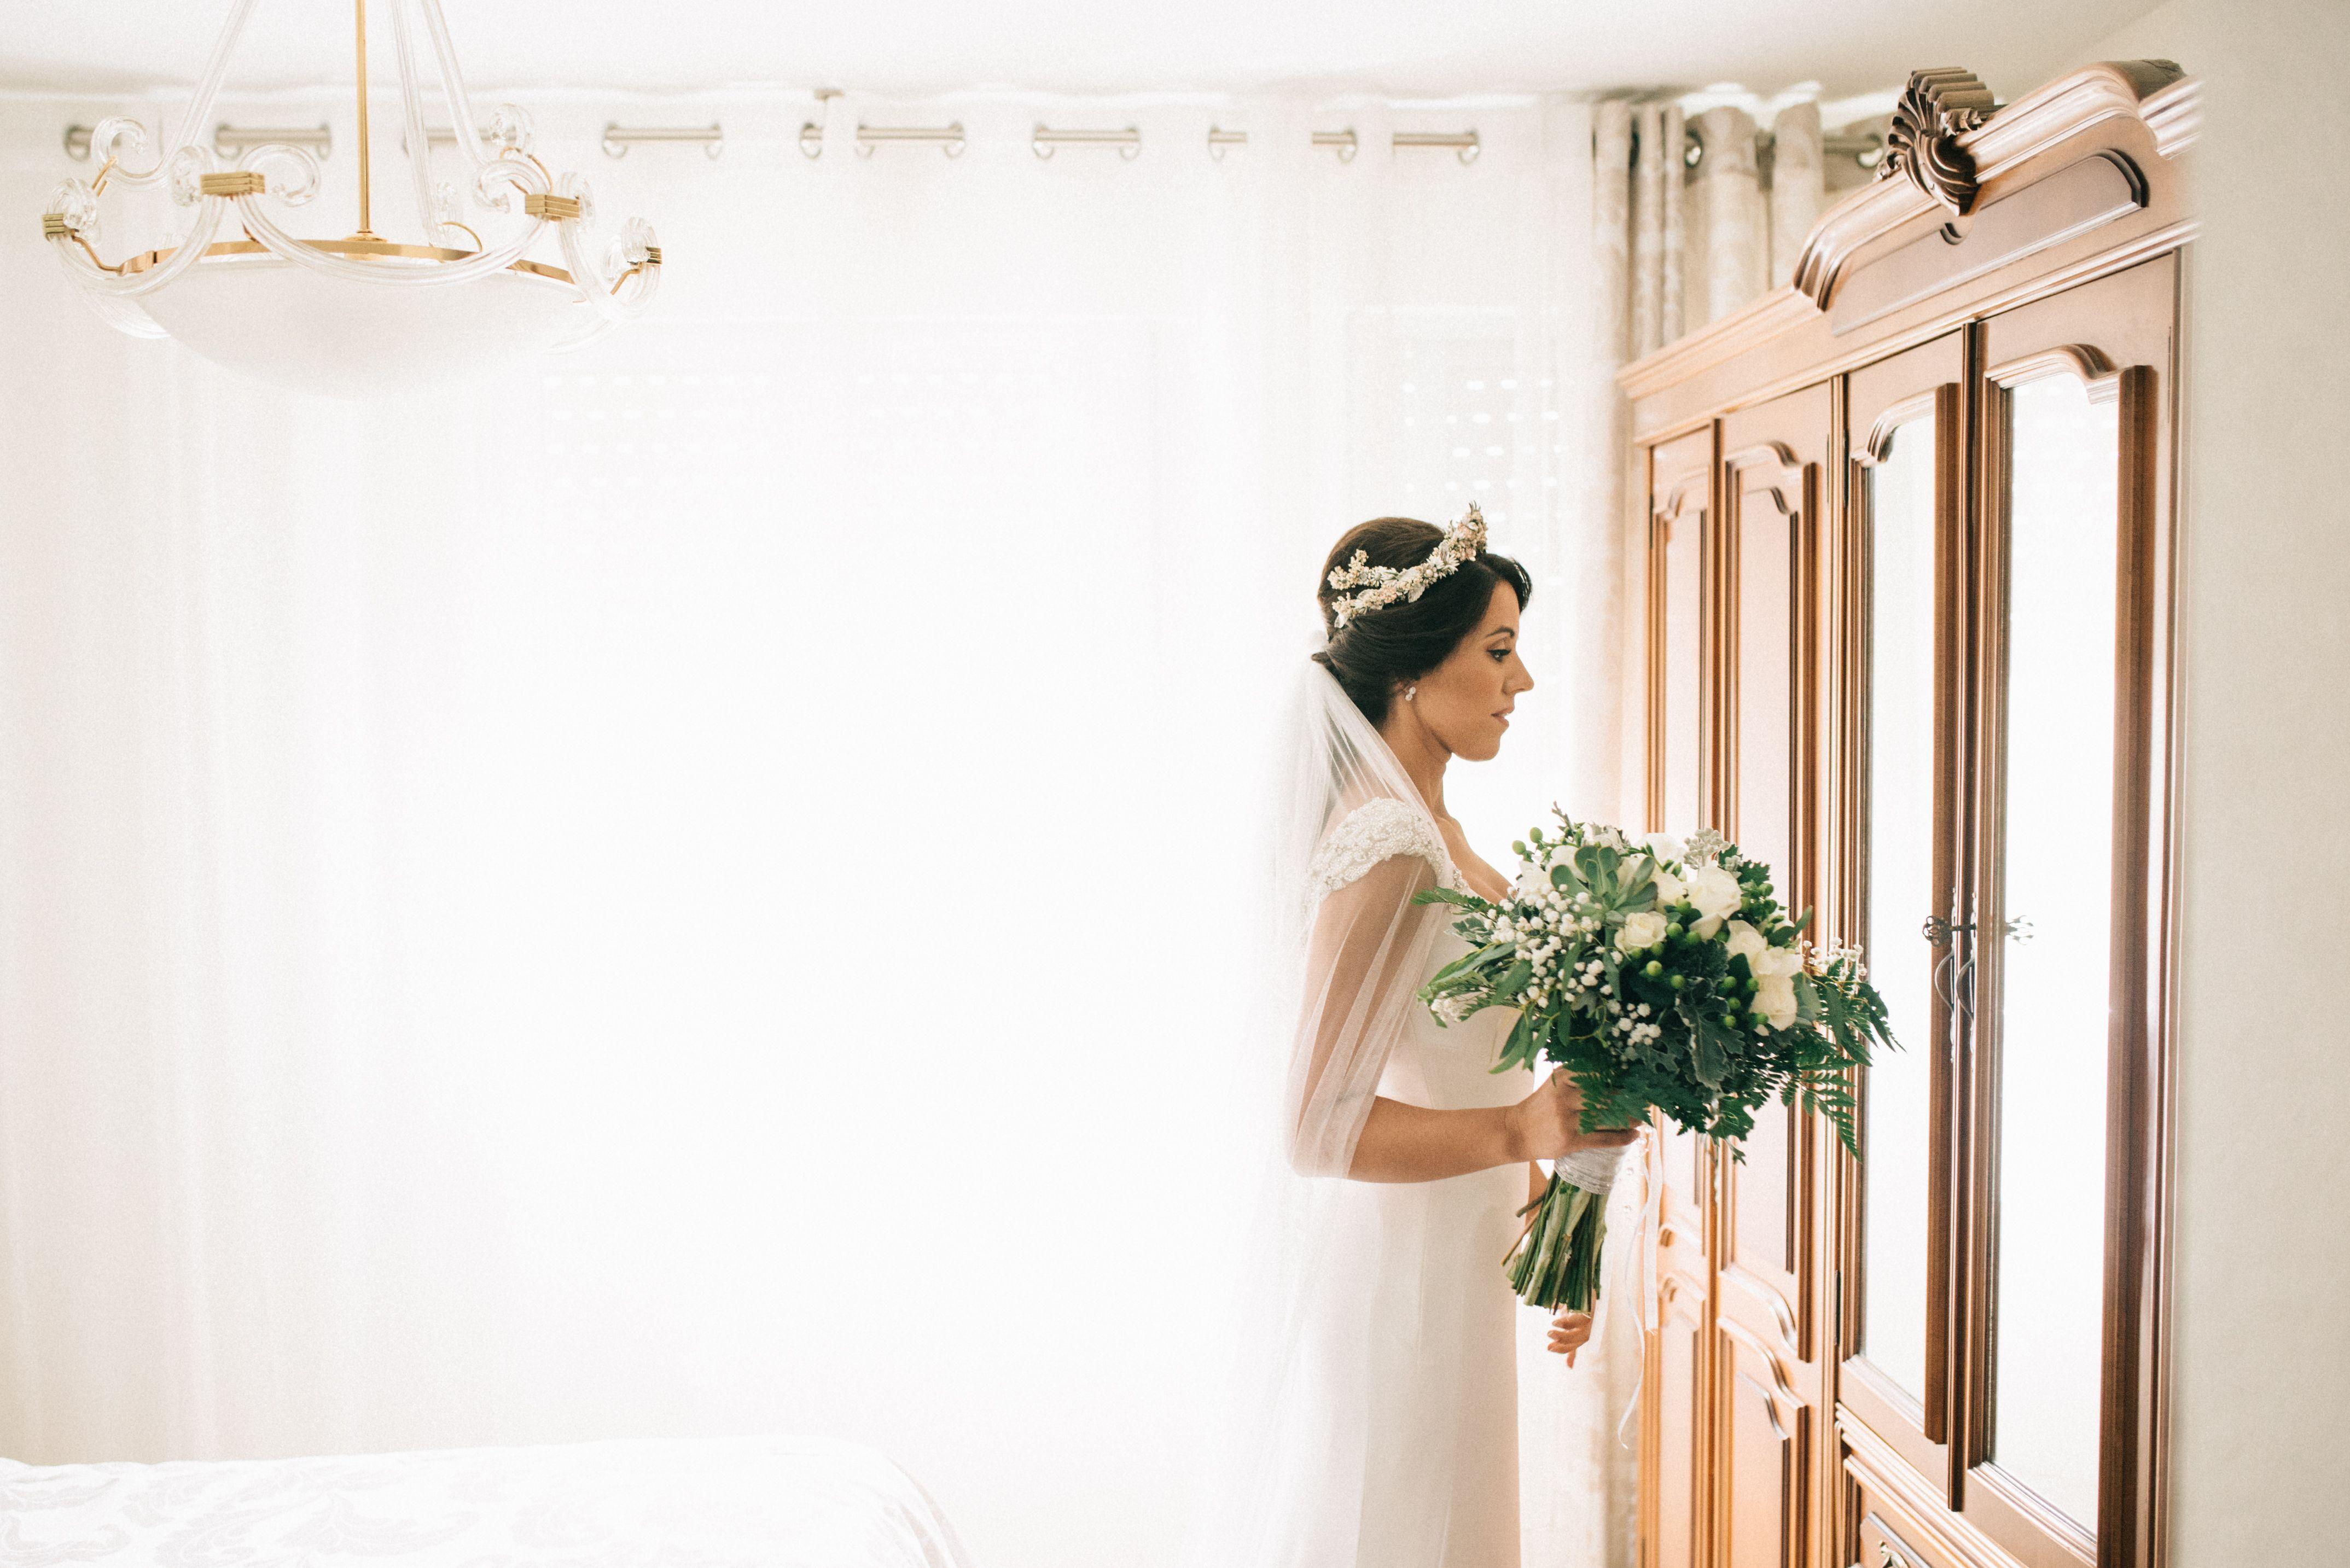 La boda de Roberto y Cristina 13